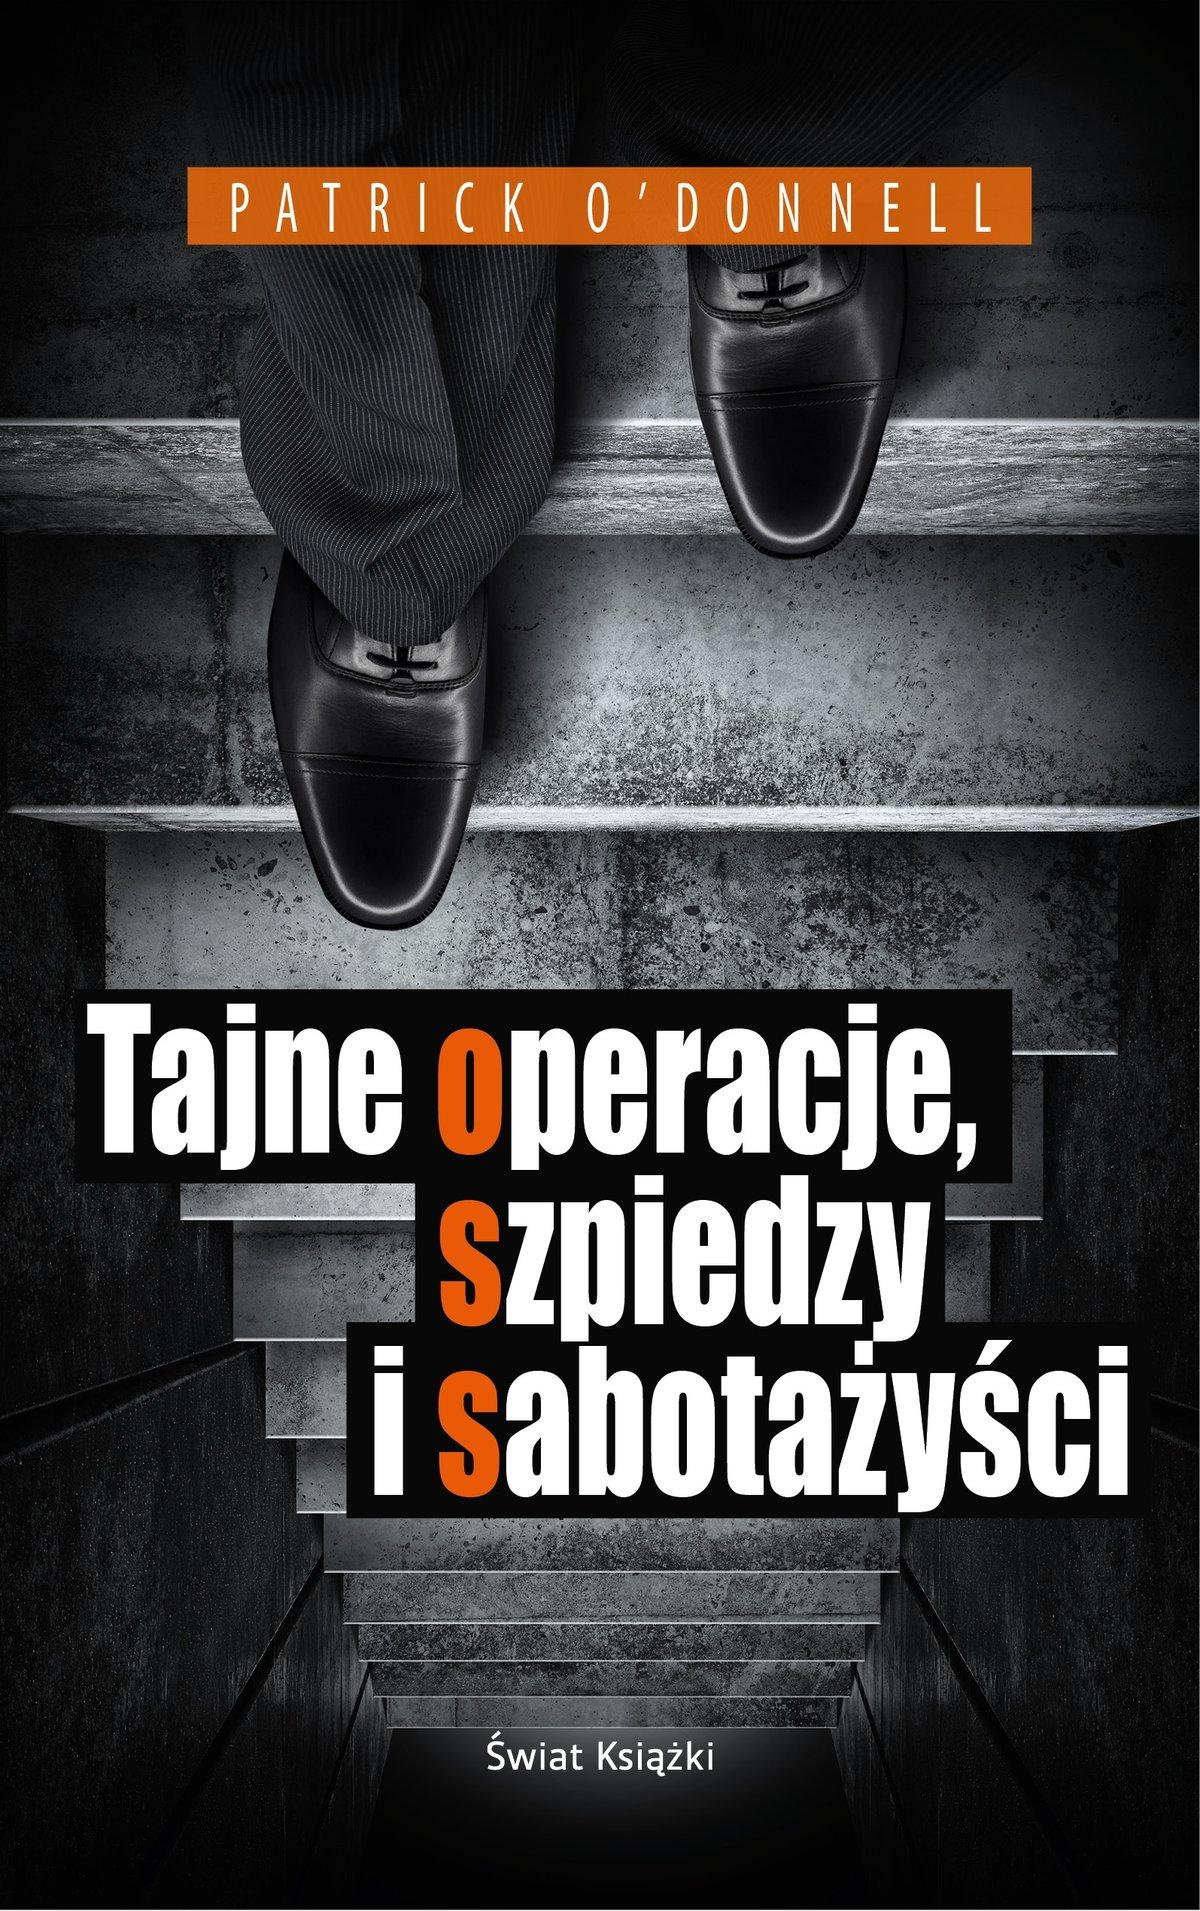 Tajne operacje, szpiedzy i sabotażyści - Ebook (Książka EPUB) do pobrania w formacie EPUB